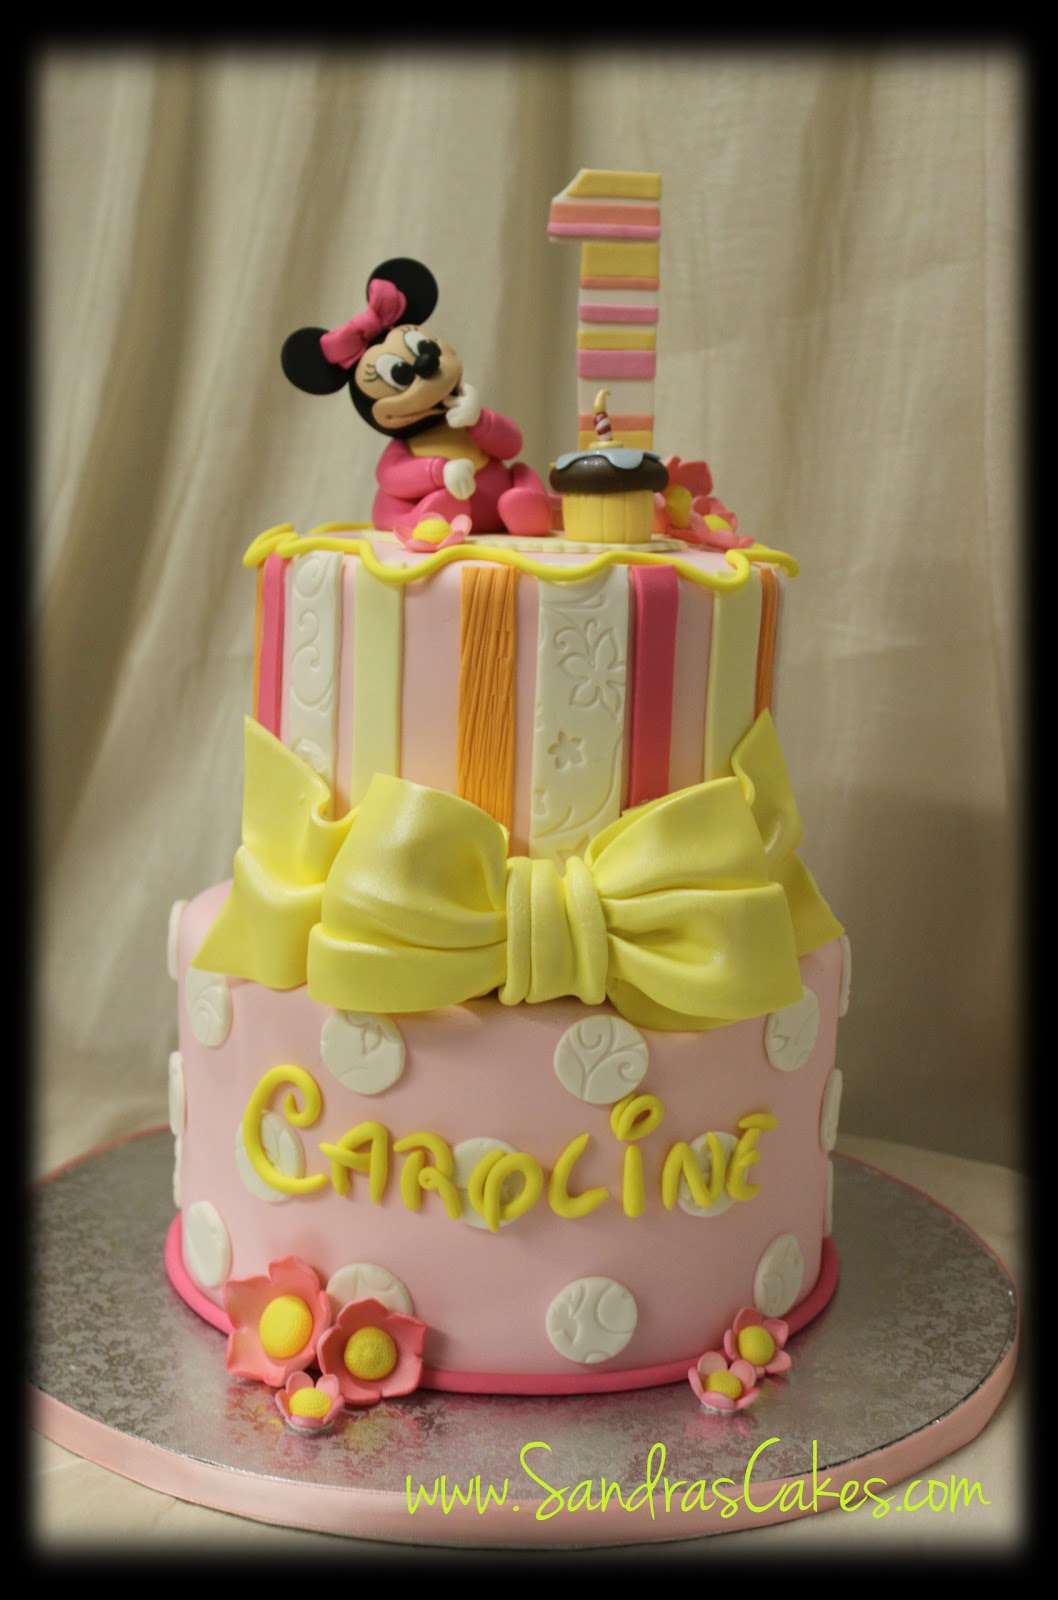 Sandras Cakes  You